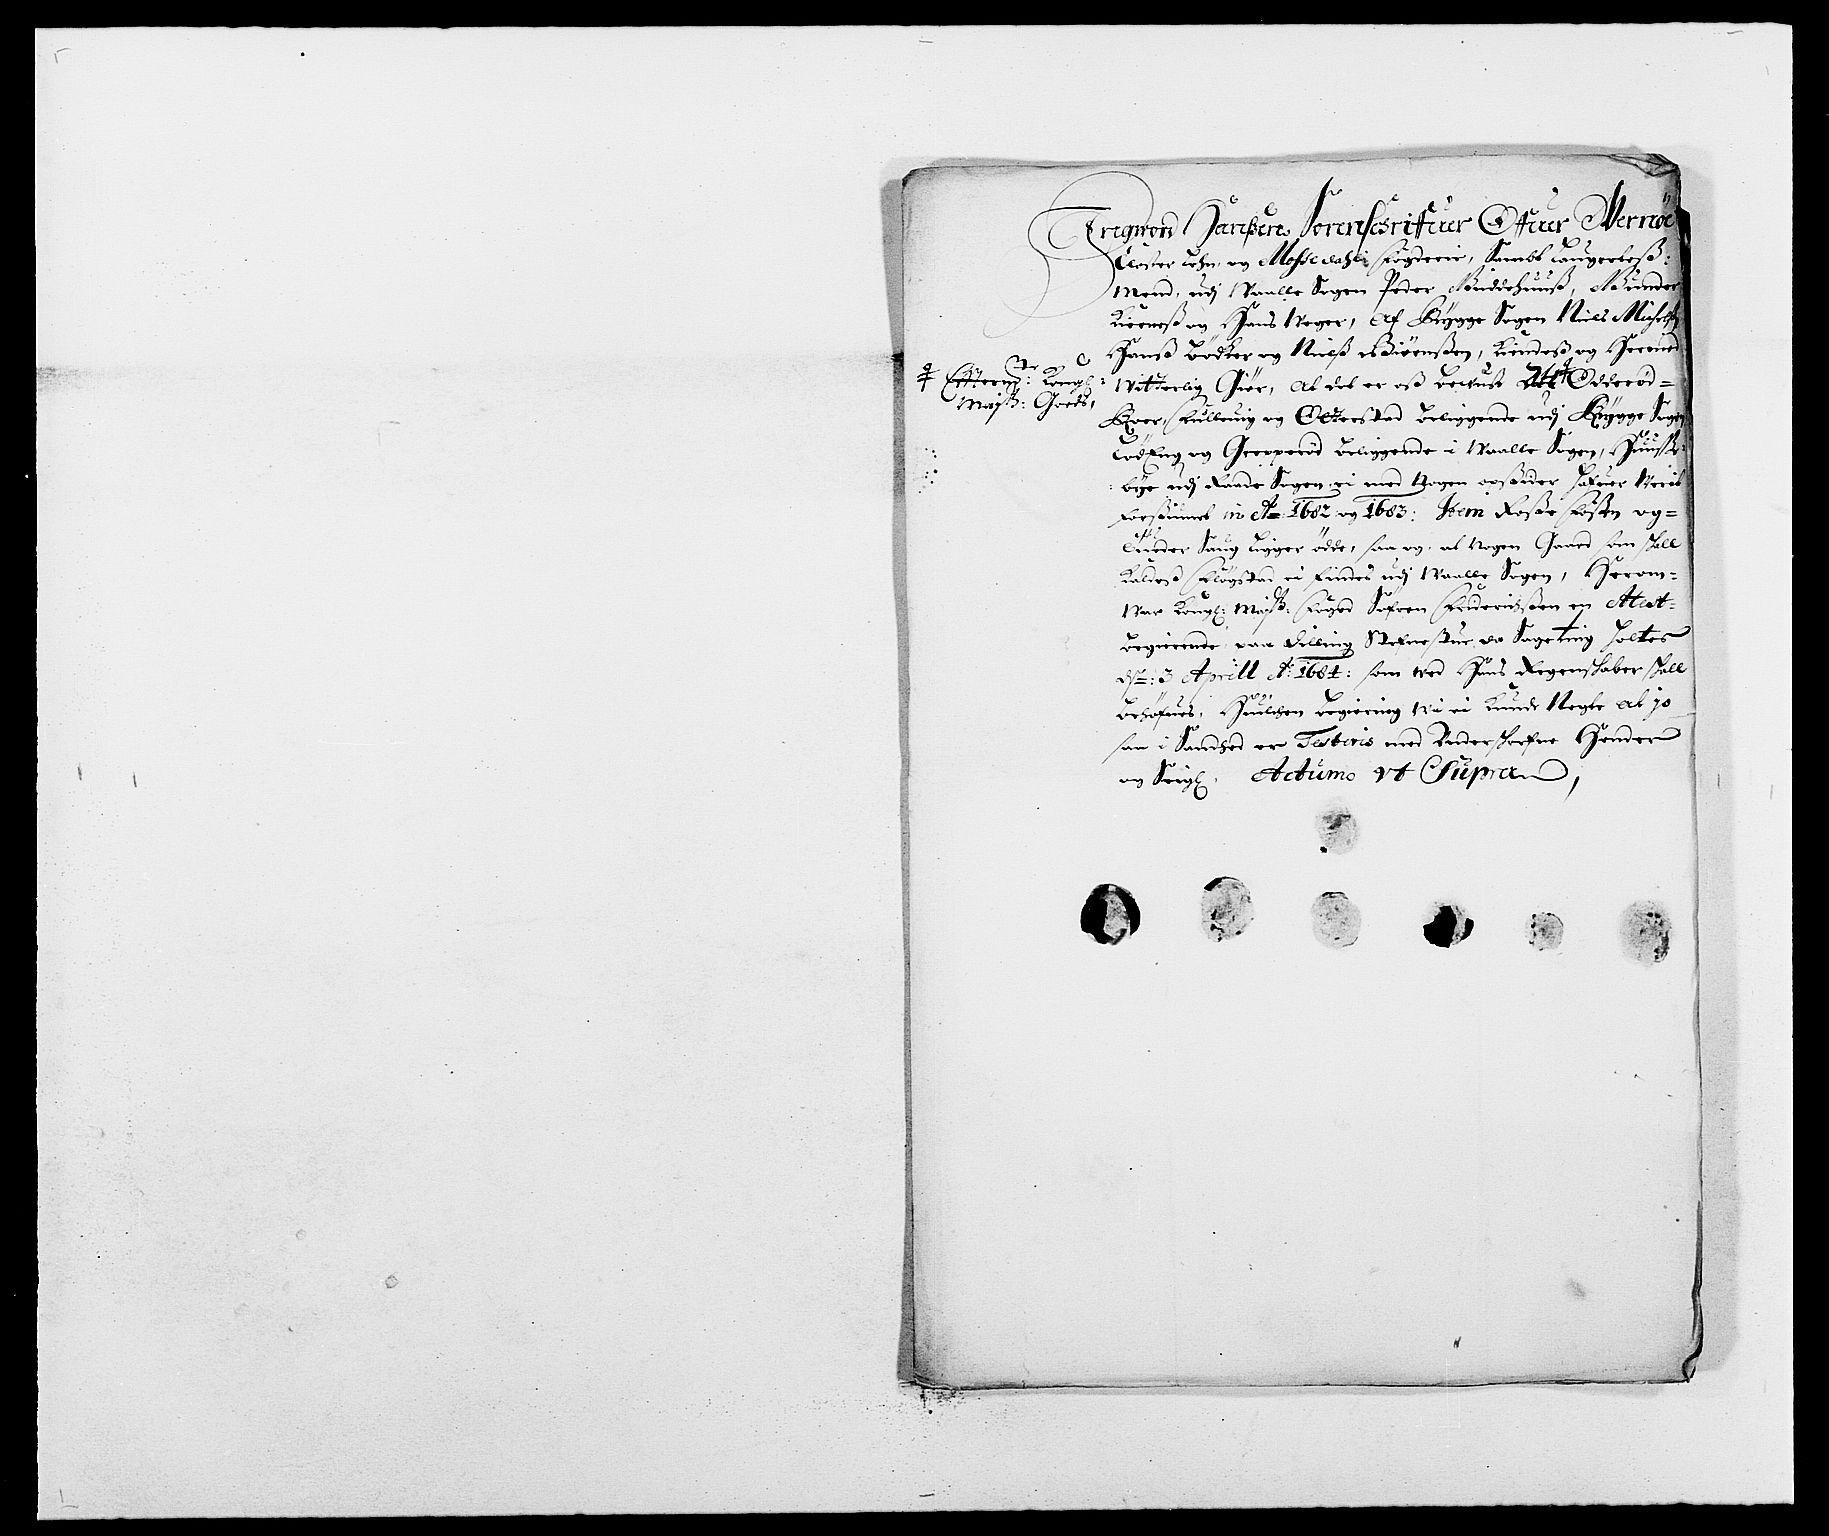 RA, Rentekammeret inntil 1814, Reviderte regnskaper, Fogderegnskap, R02/L0104: Fogderegnskap Moss og Verne kloster, 1682-1684, s. 153